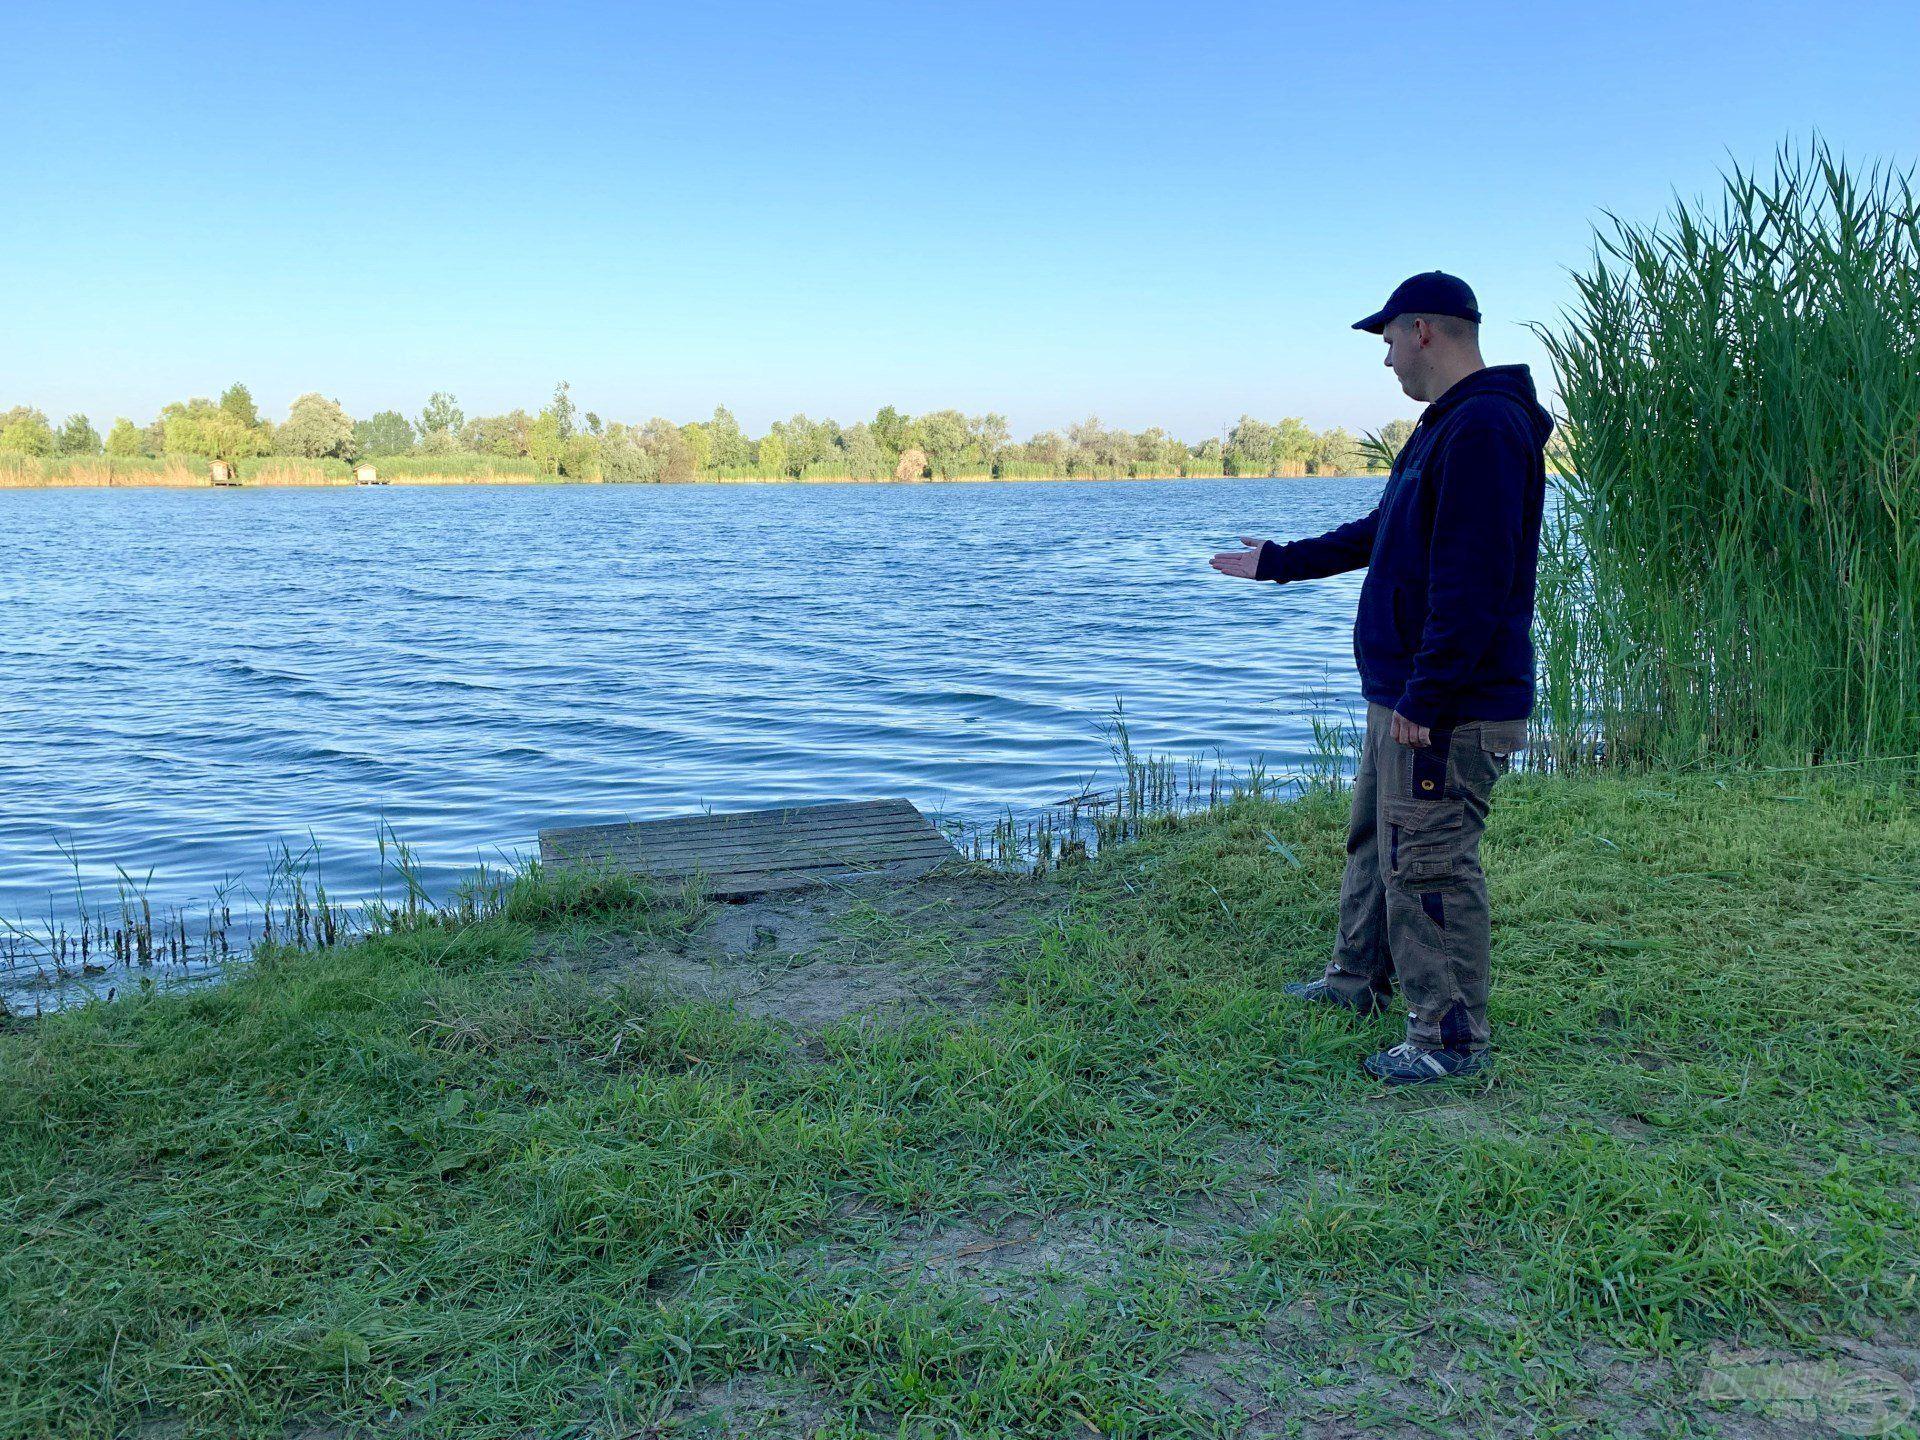 A tó vízszintje nagyon sokat apadt, mióta Gáborral itt horgásztunk, így kedvenc horgászhelyem partja is kiszáradt